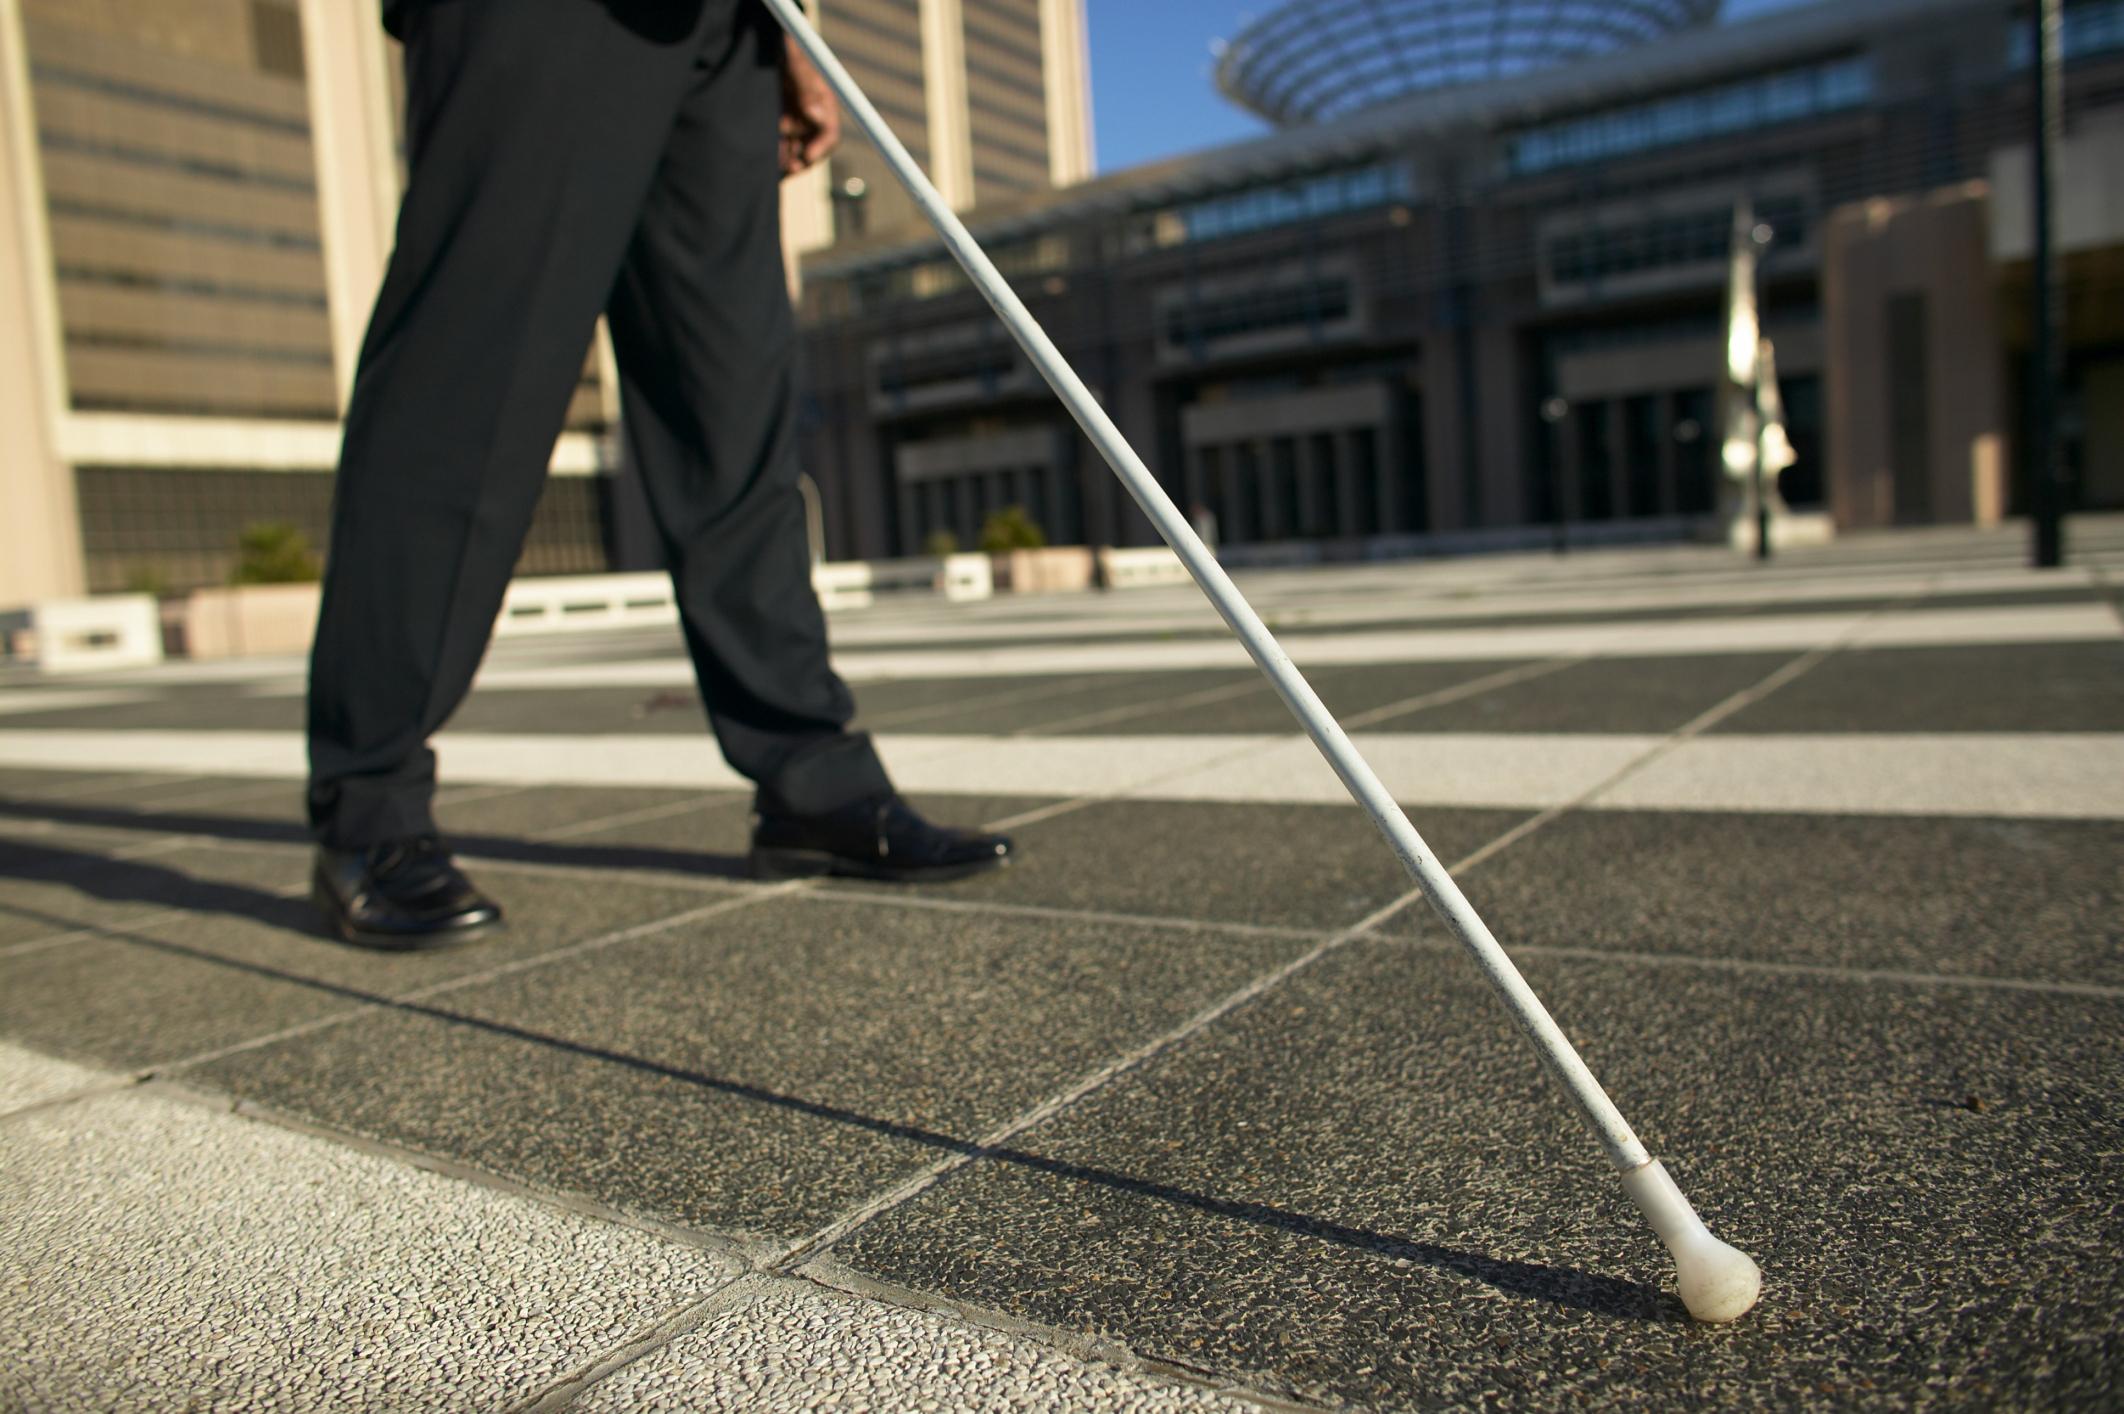 A incapacidade advém da lei, considerando que nenhuma pessoa poderá sofrer limitações no exercício de seus direitos.